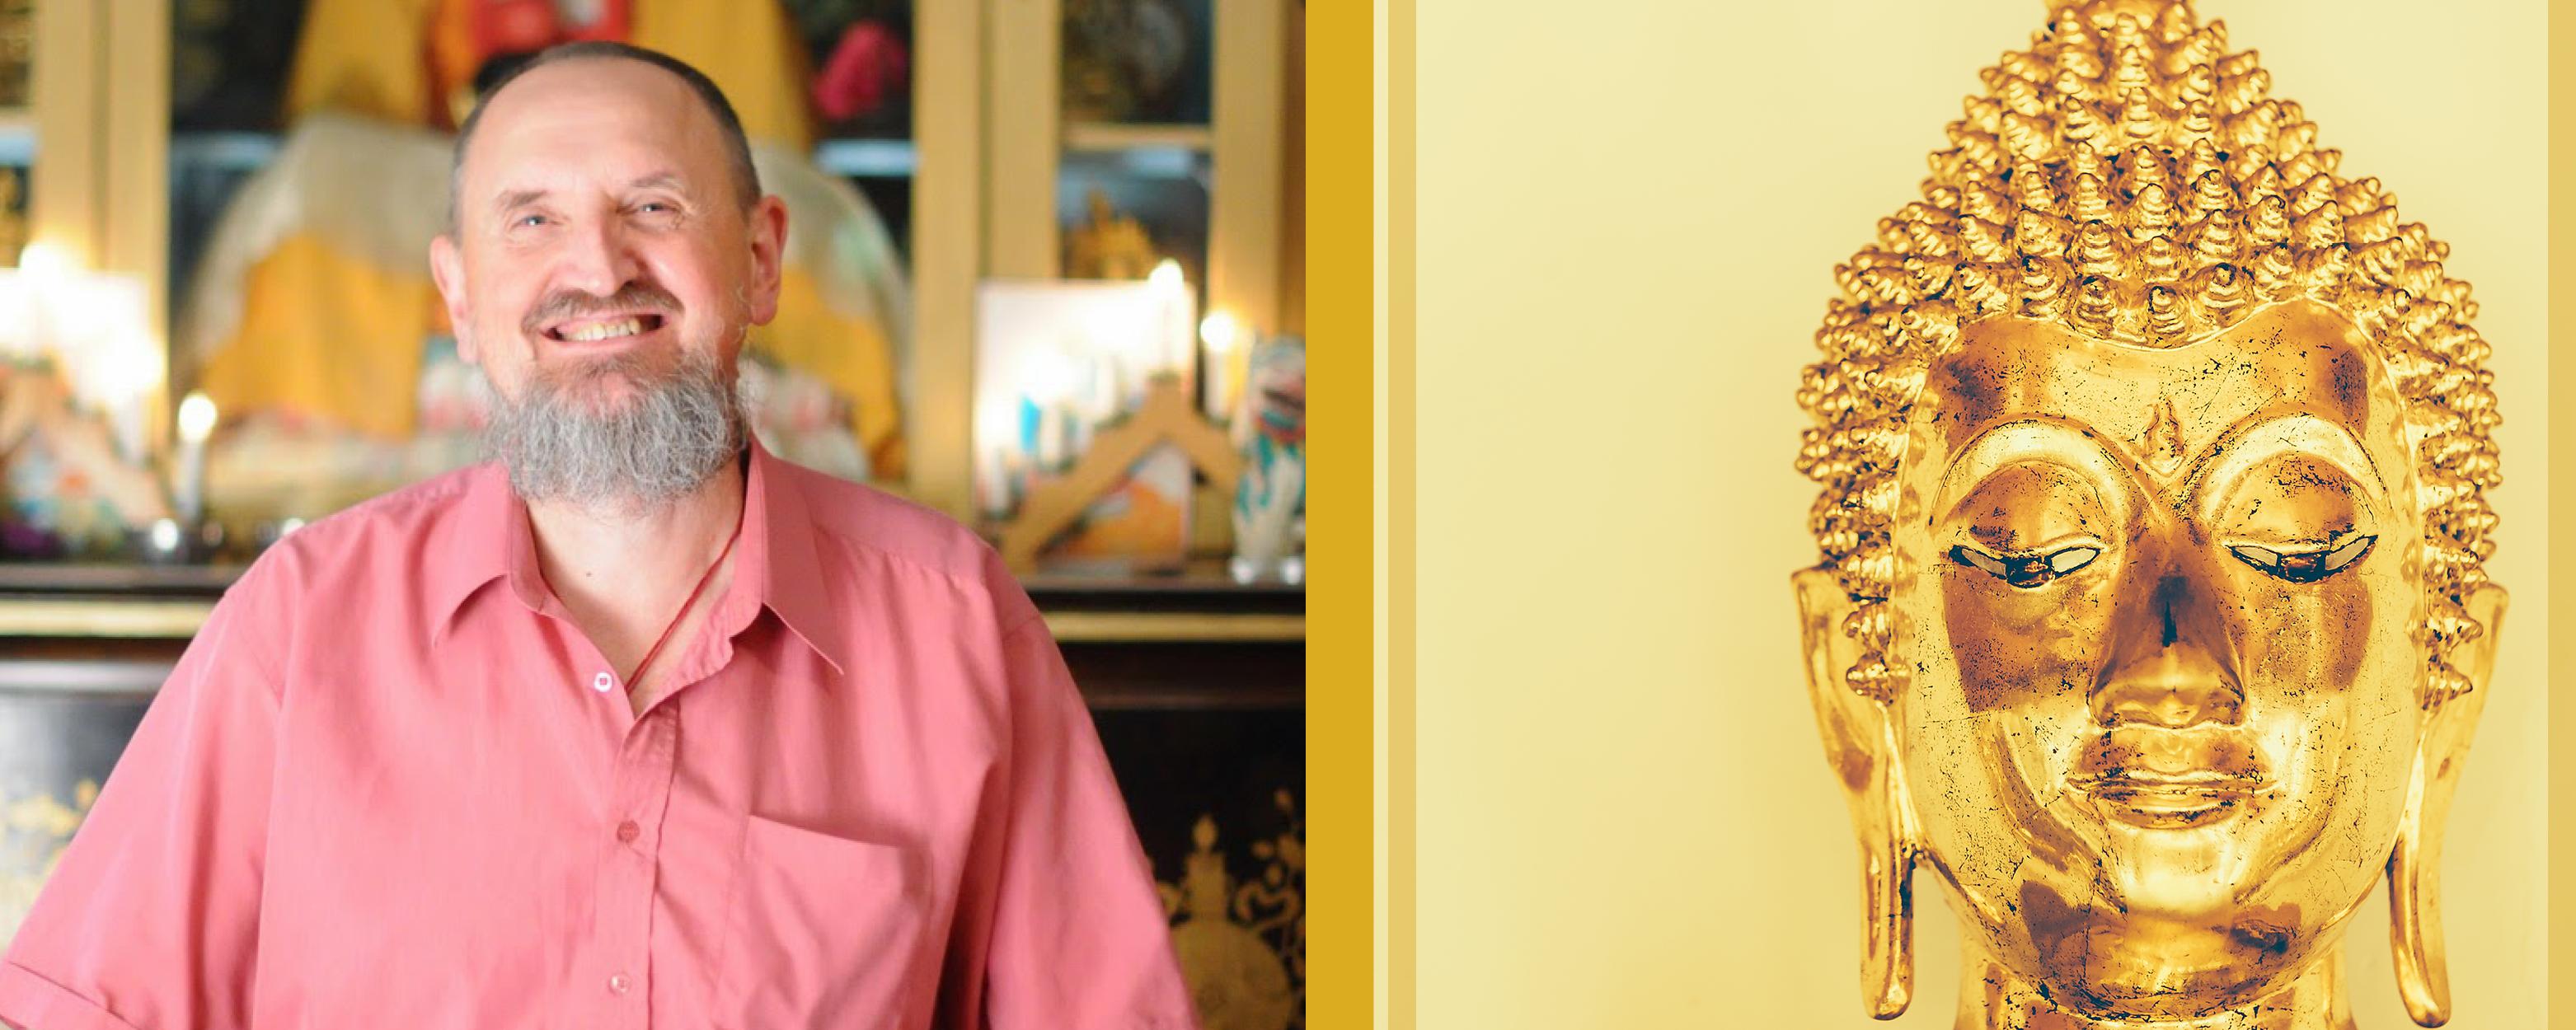 Egynapos elvonulás Láma Csöpel vezetésével @ Karmapa Ház - Budapest | Budapest | Magyarország